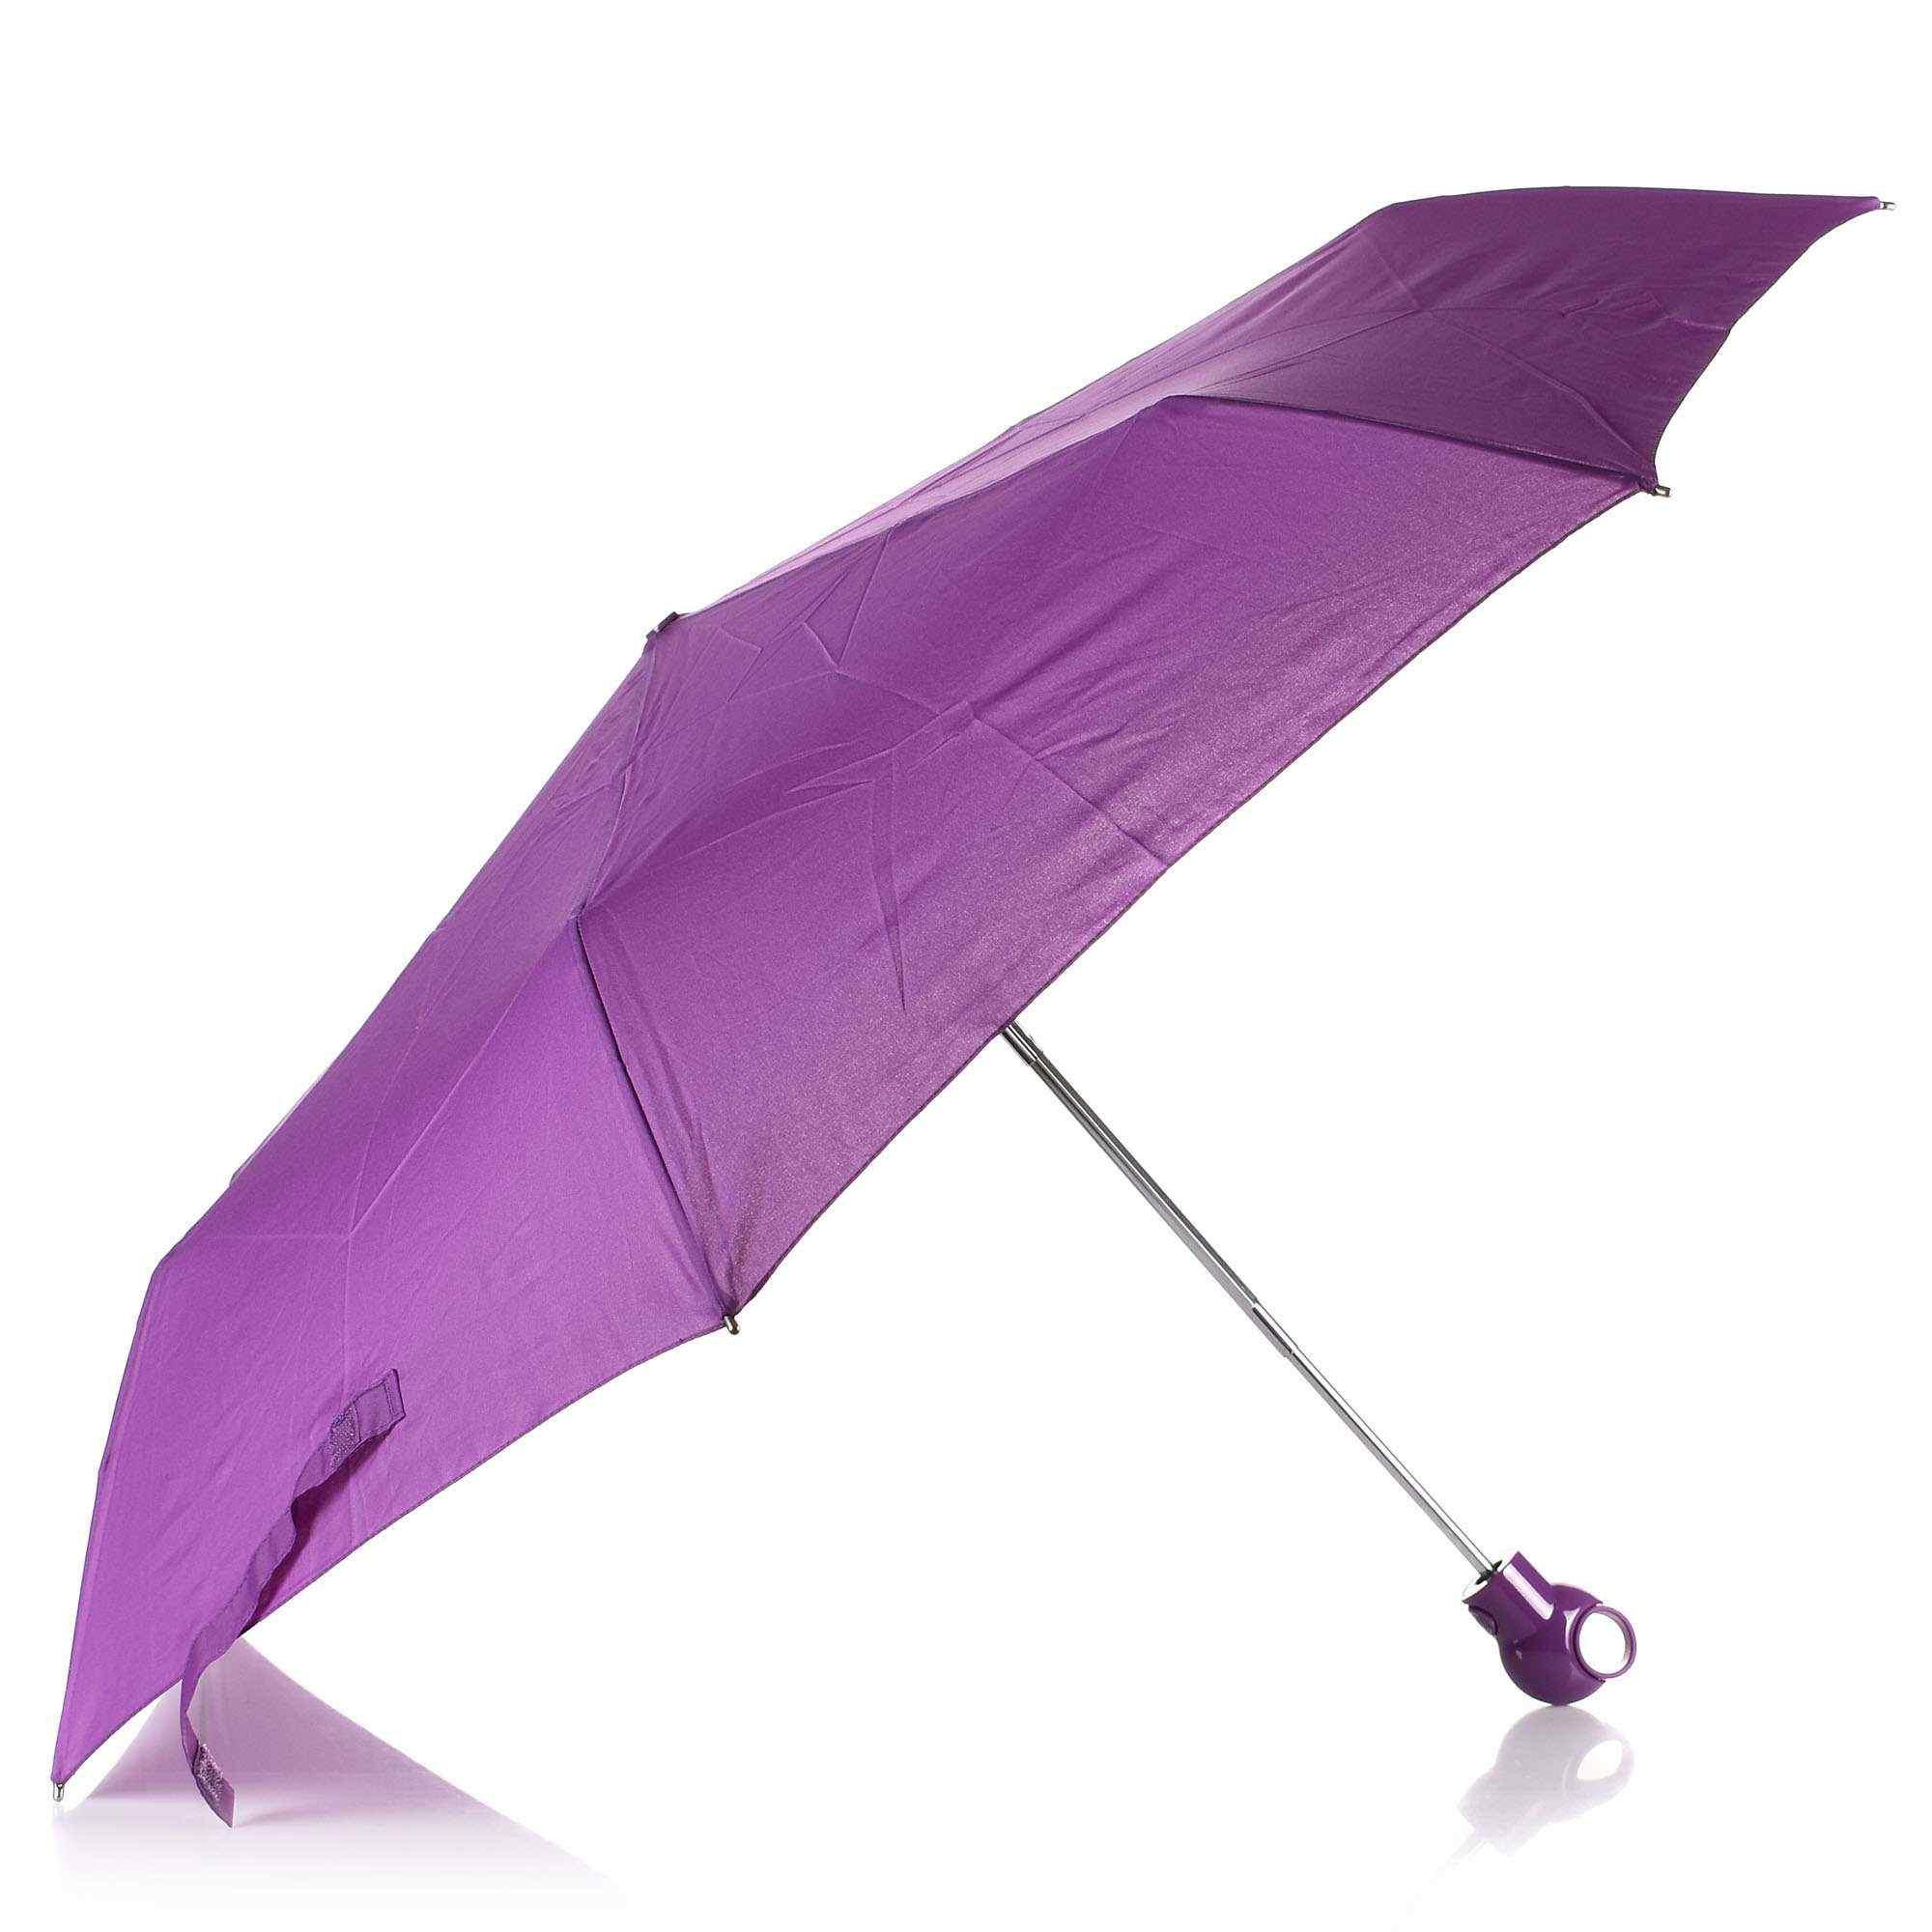 Ομπρέλα Σπαστή Αυτόματη Knirps Floyd Duomatic 806100